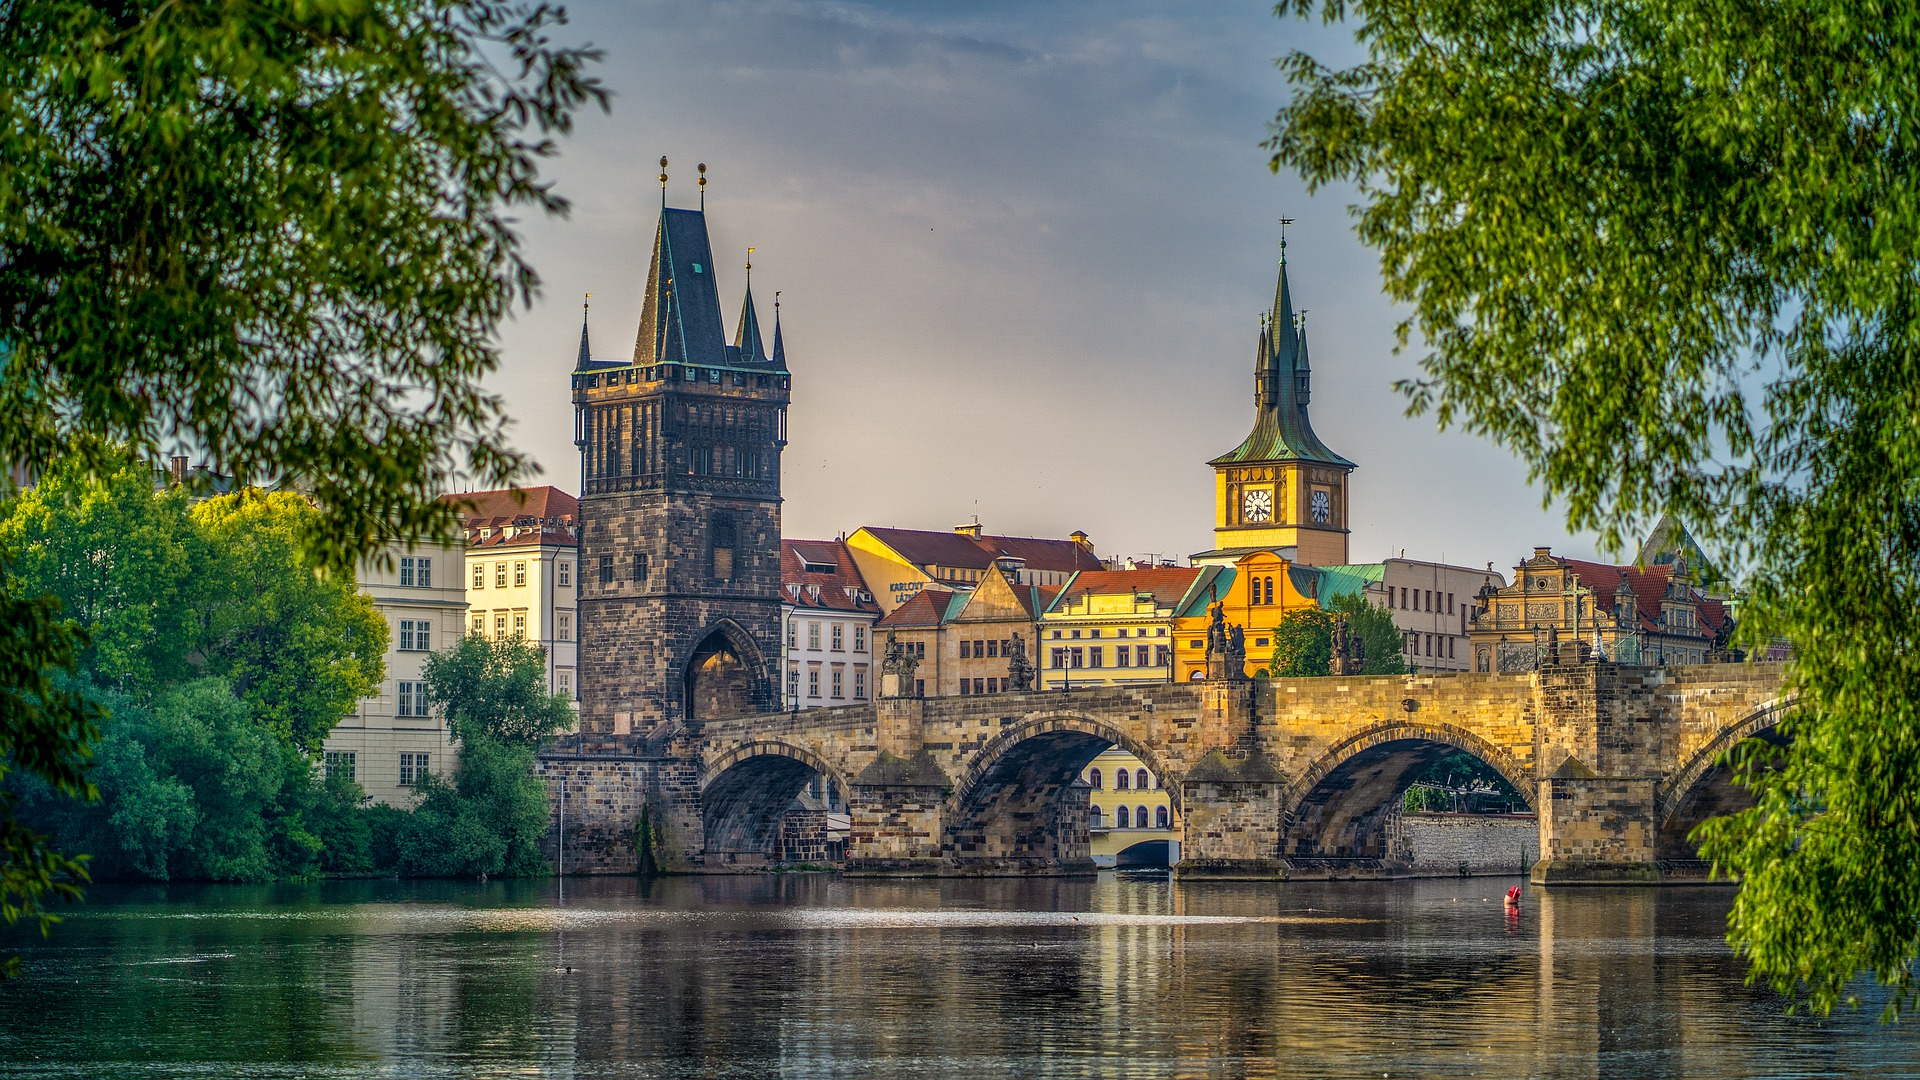 أهم المزارات والأماكن السياحية في مدينة براغ التشيكية